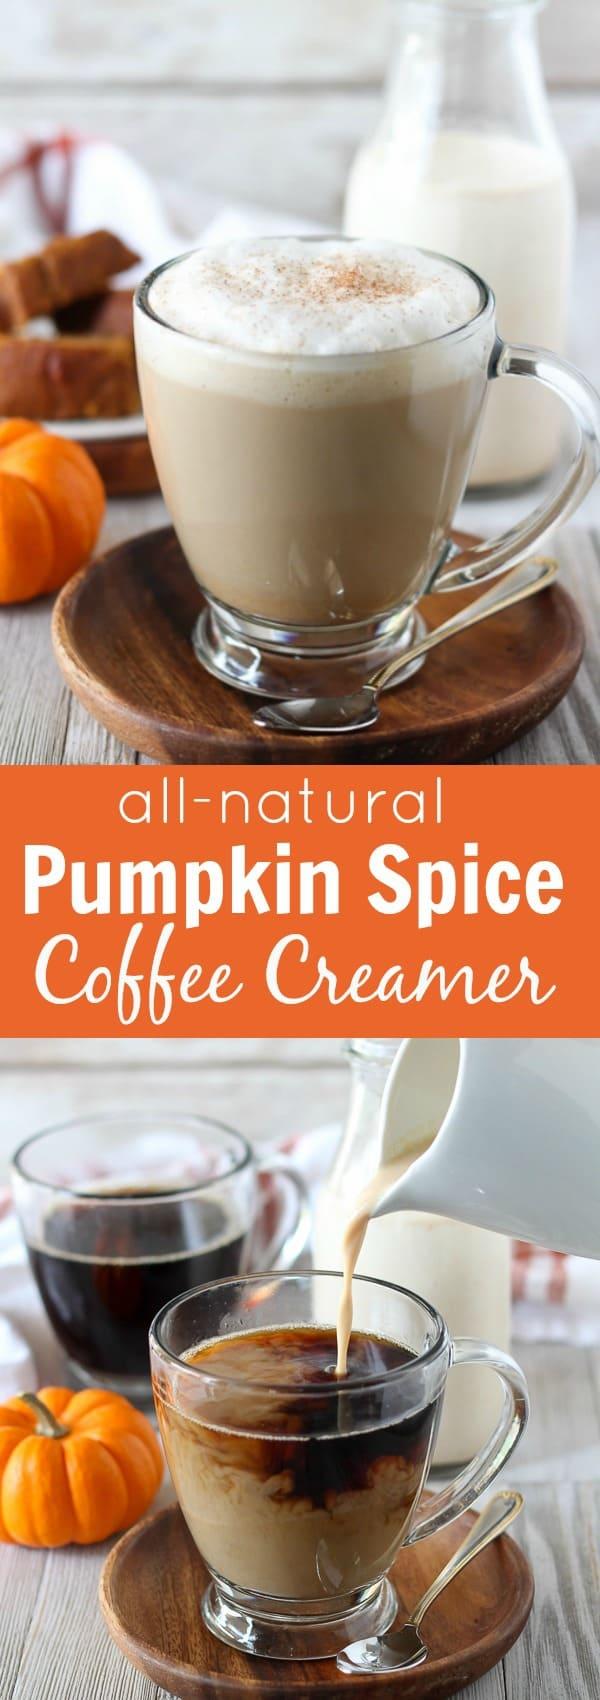 Pumpkin latte in a glass mug.